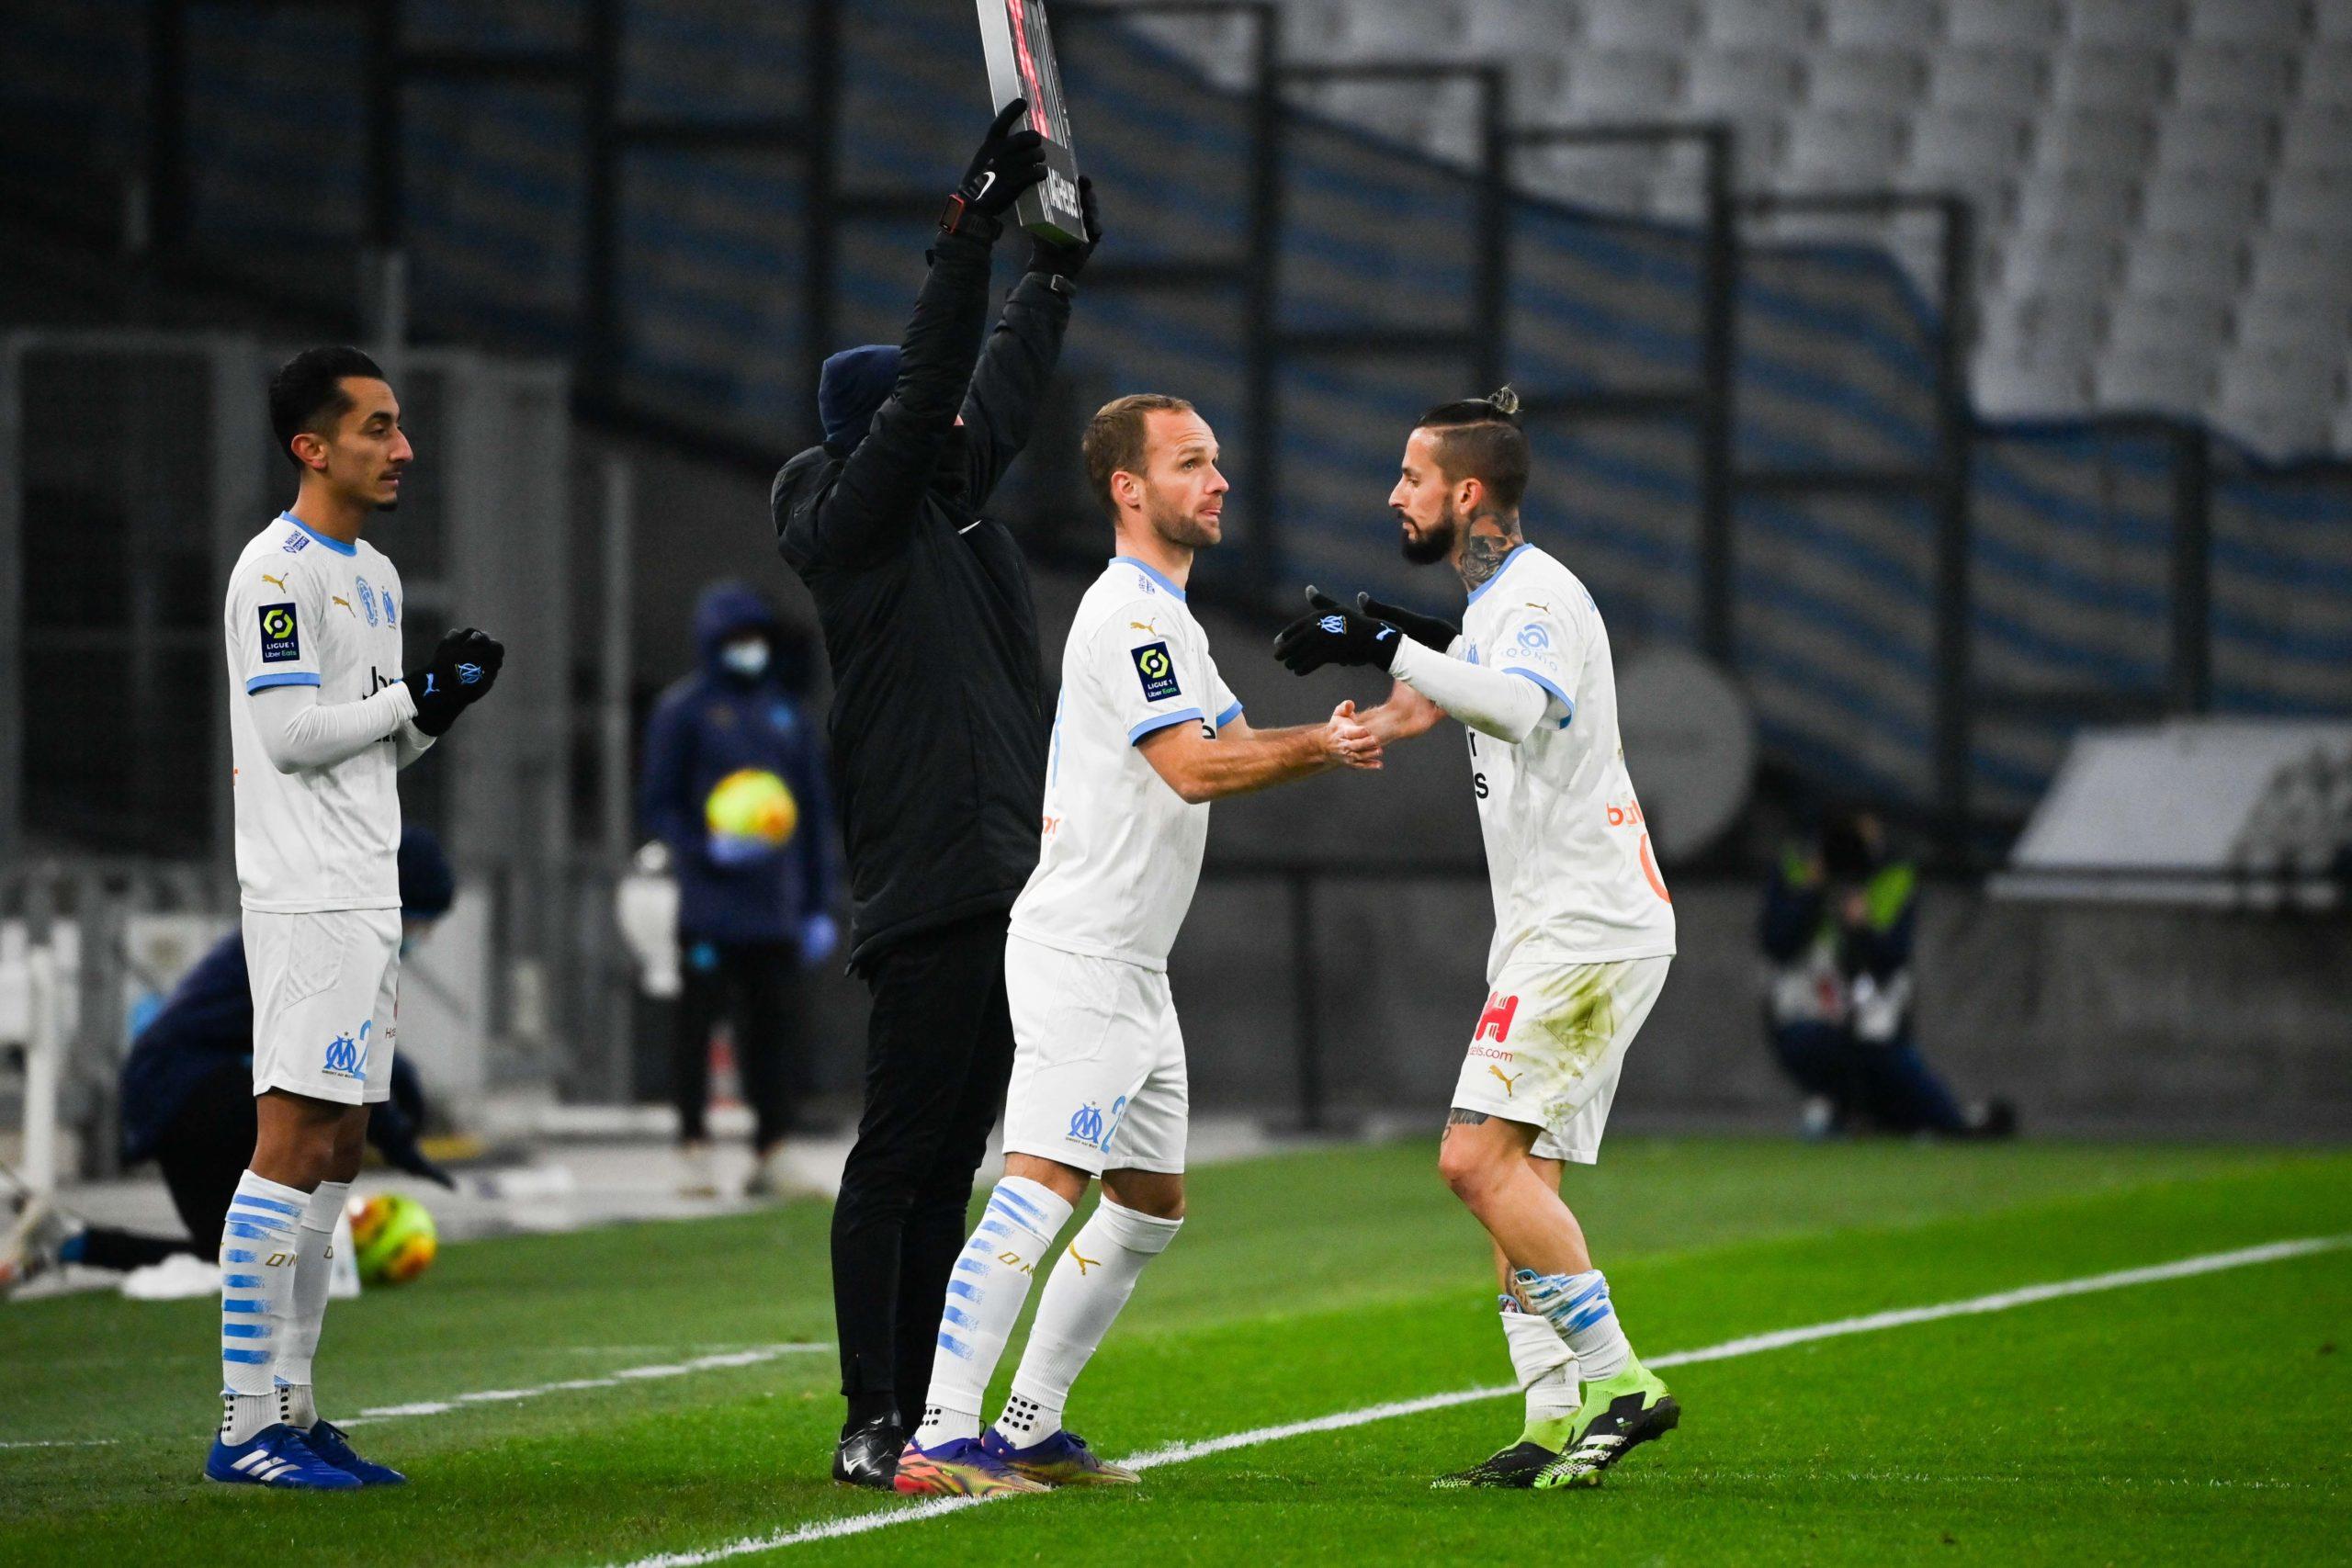 OM/Montpellier (3-1) - Villas-Boas a tenu à féliciter les entrants